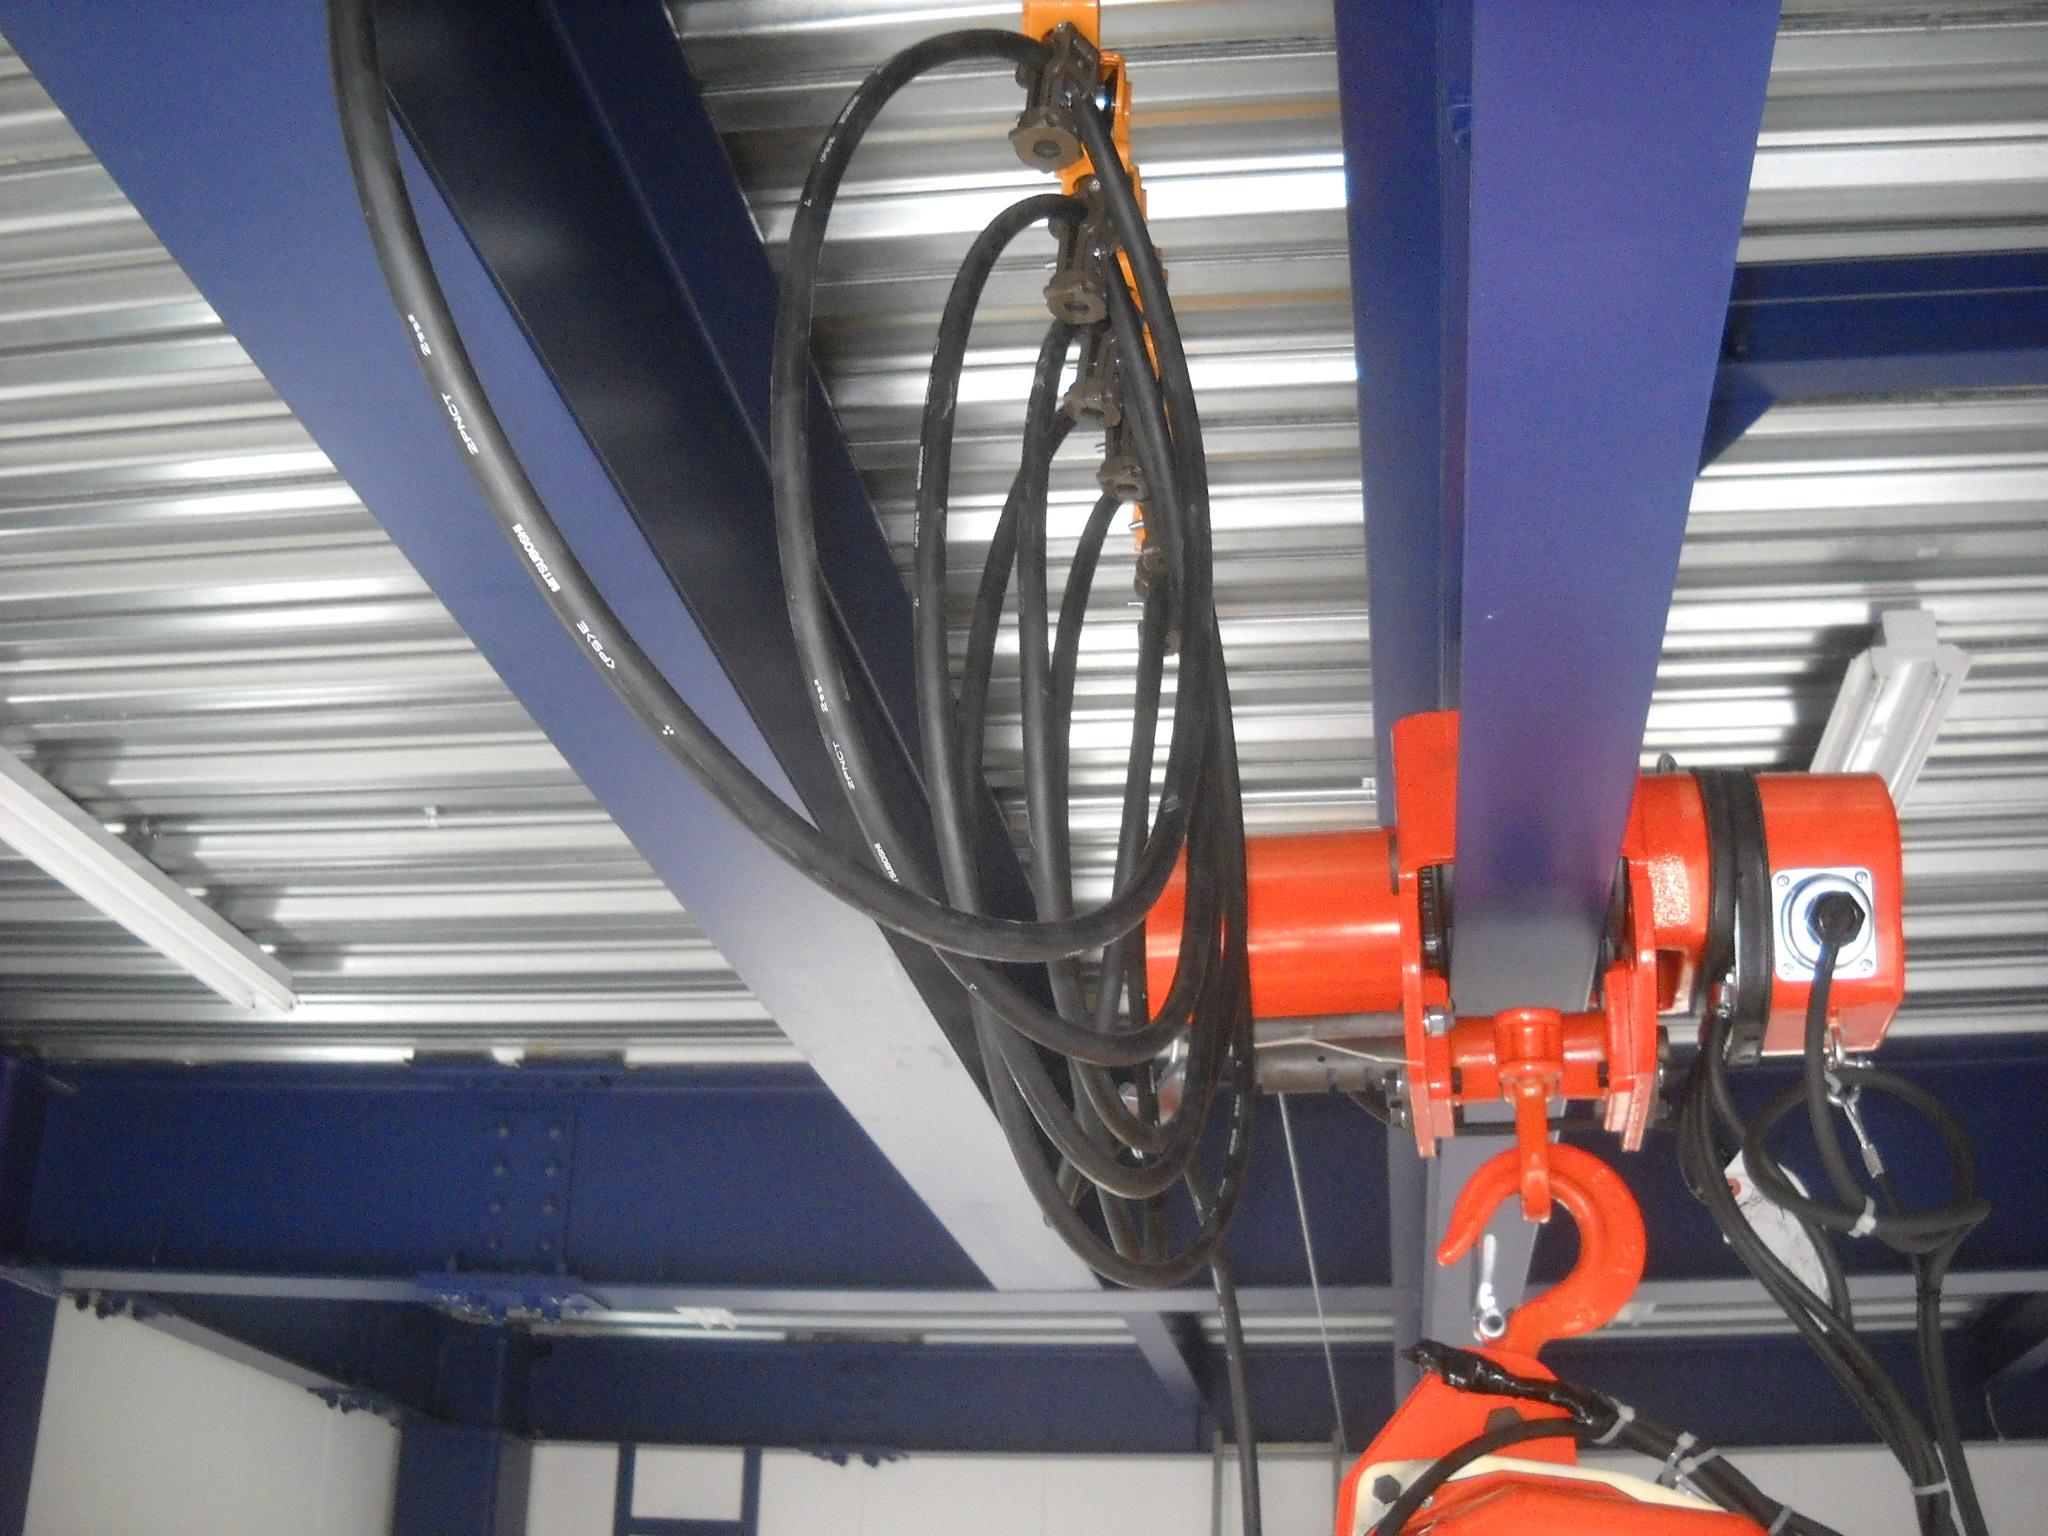 懸垂形クレーンの走行レールにH形鋼を使ったらサドルが対応していなかった!?